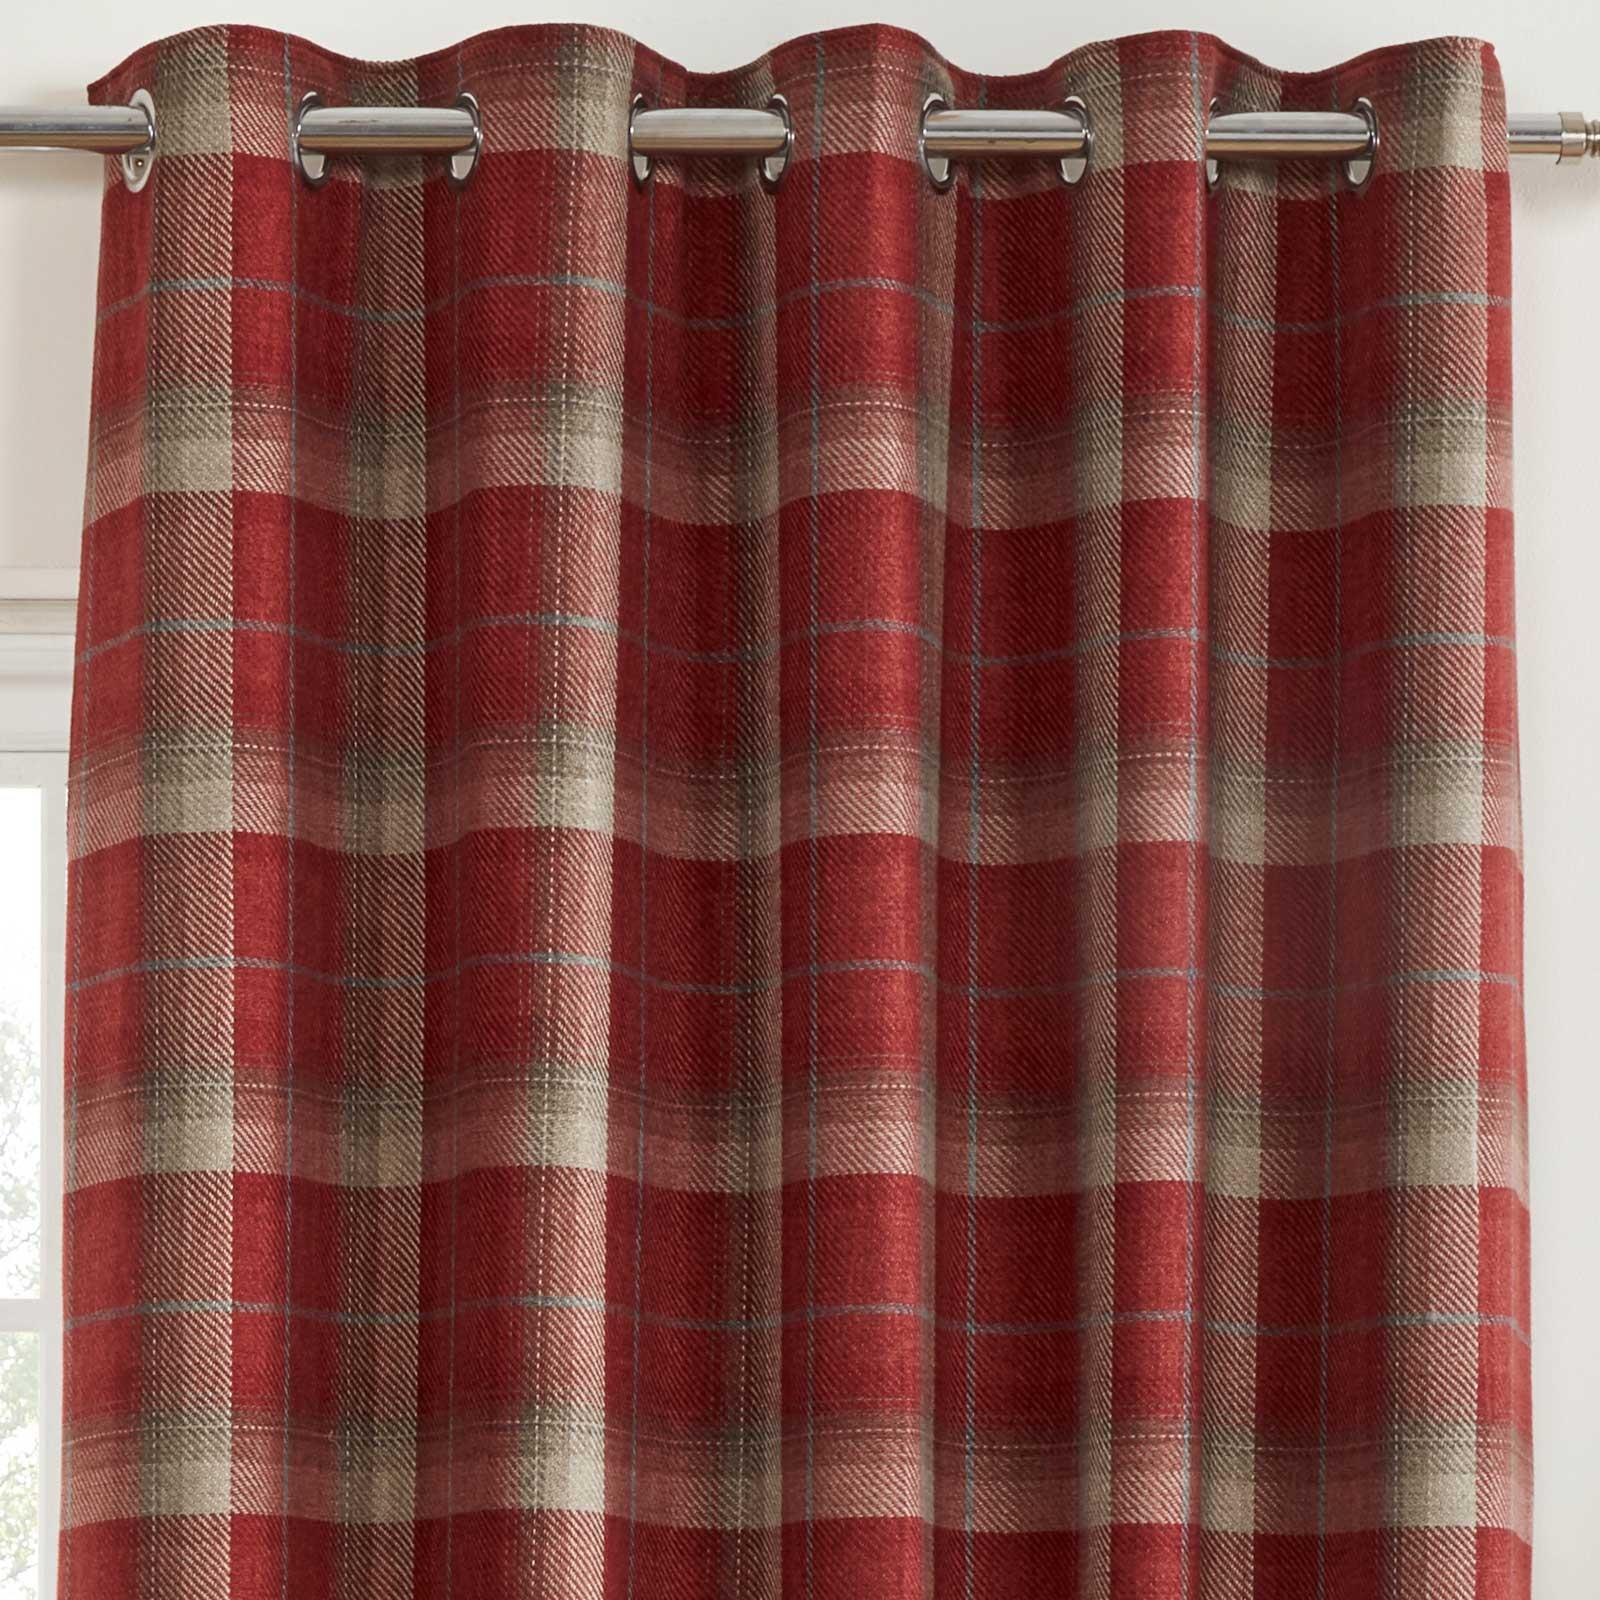 Cortinas-DE-ORIFICIOS-Rojo-Blackout-Tartan-Check-Ready-Made-acogedor-Anillo-Superior-Cortina-Pares miniatura 31